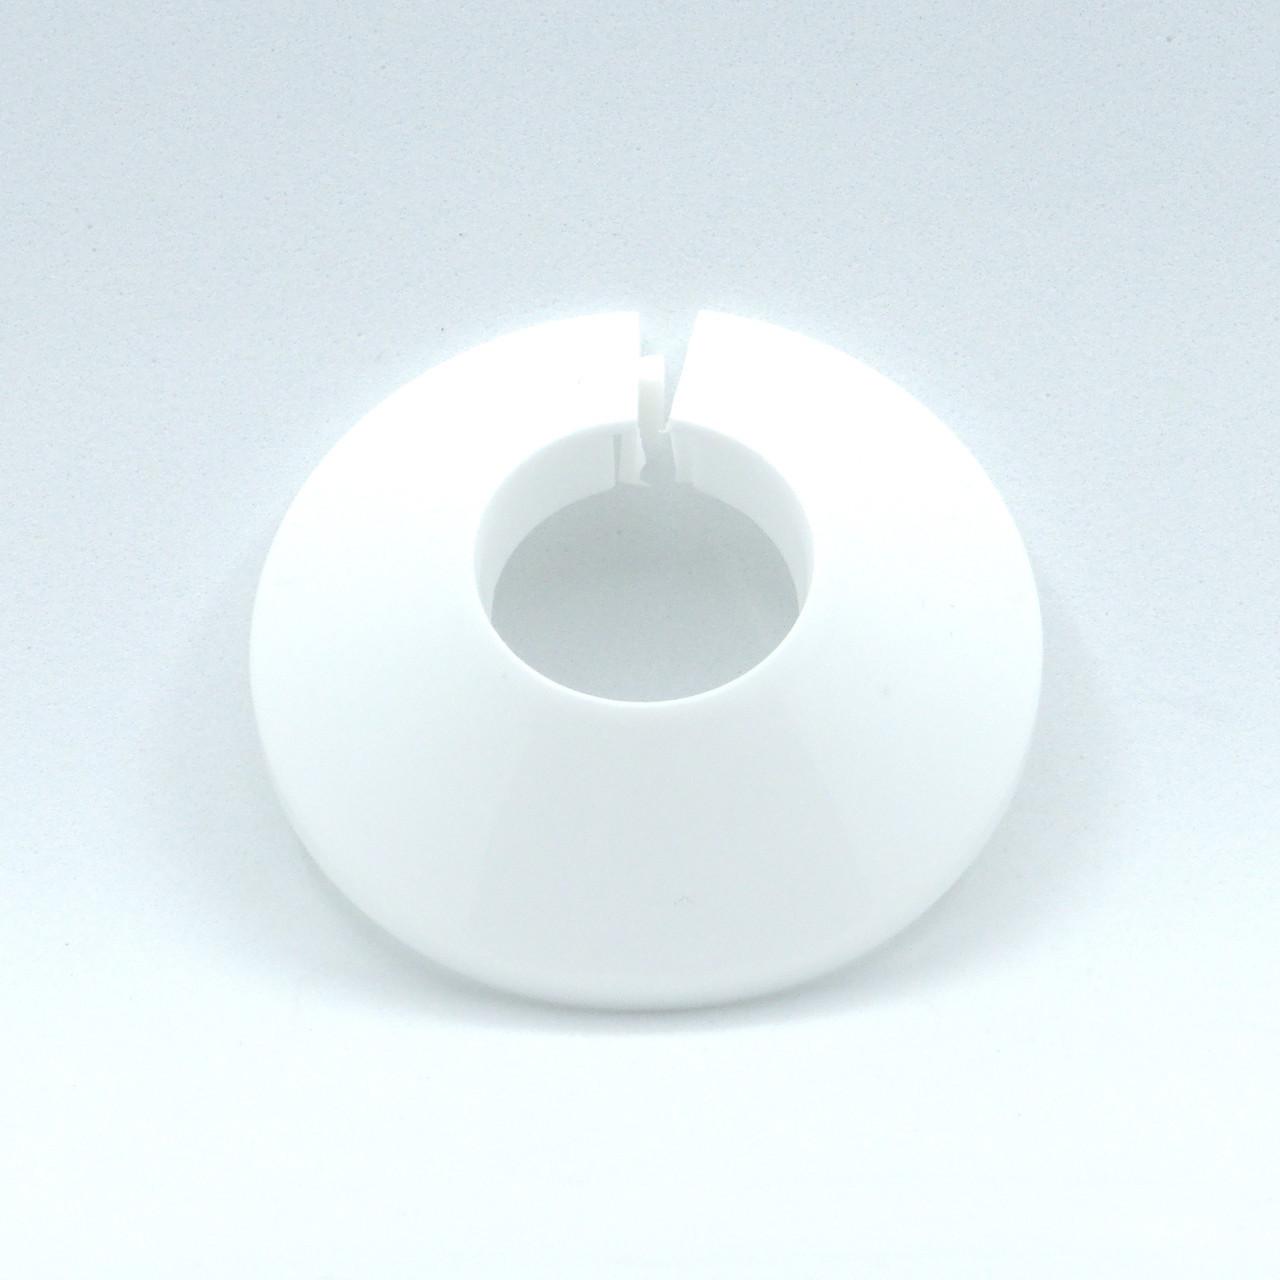 Обвод труб для натяжных потолков - 22 мм, декоративный